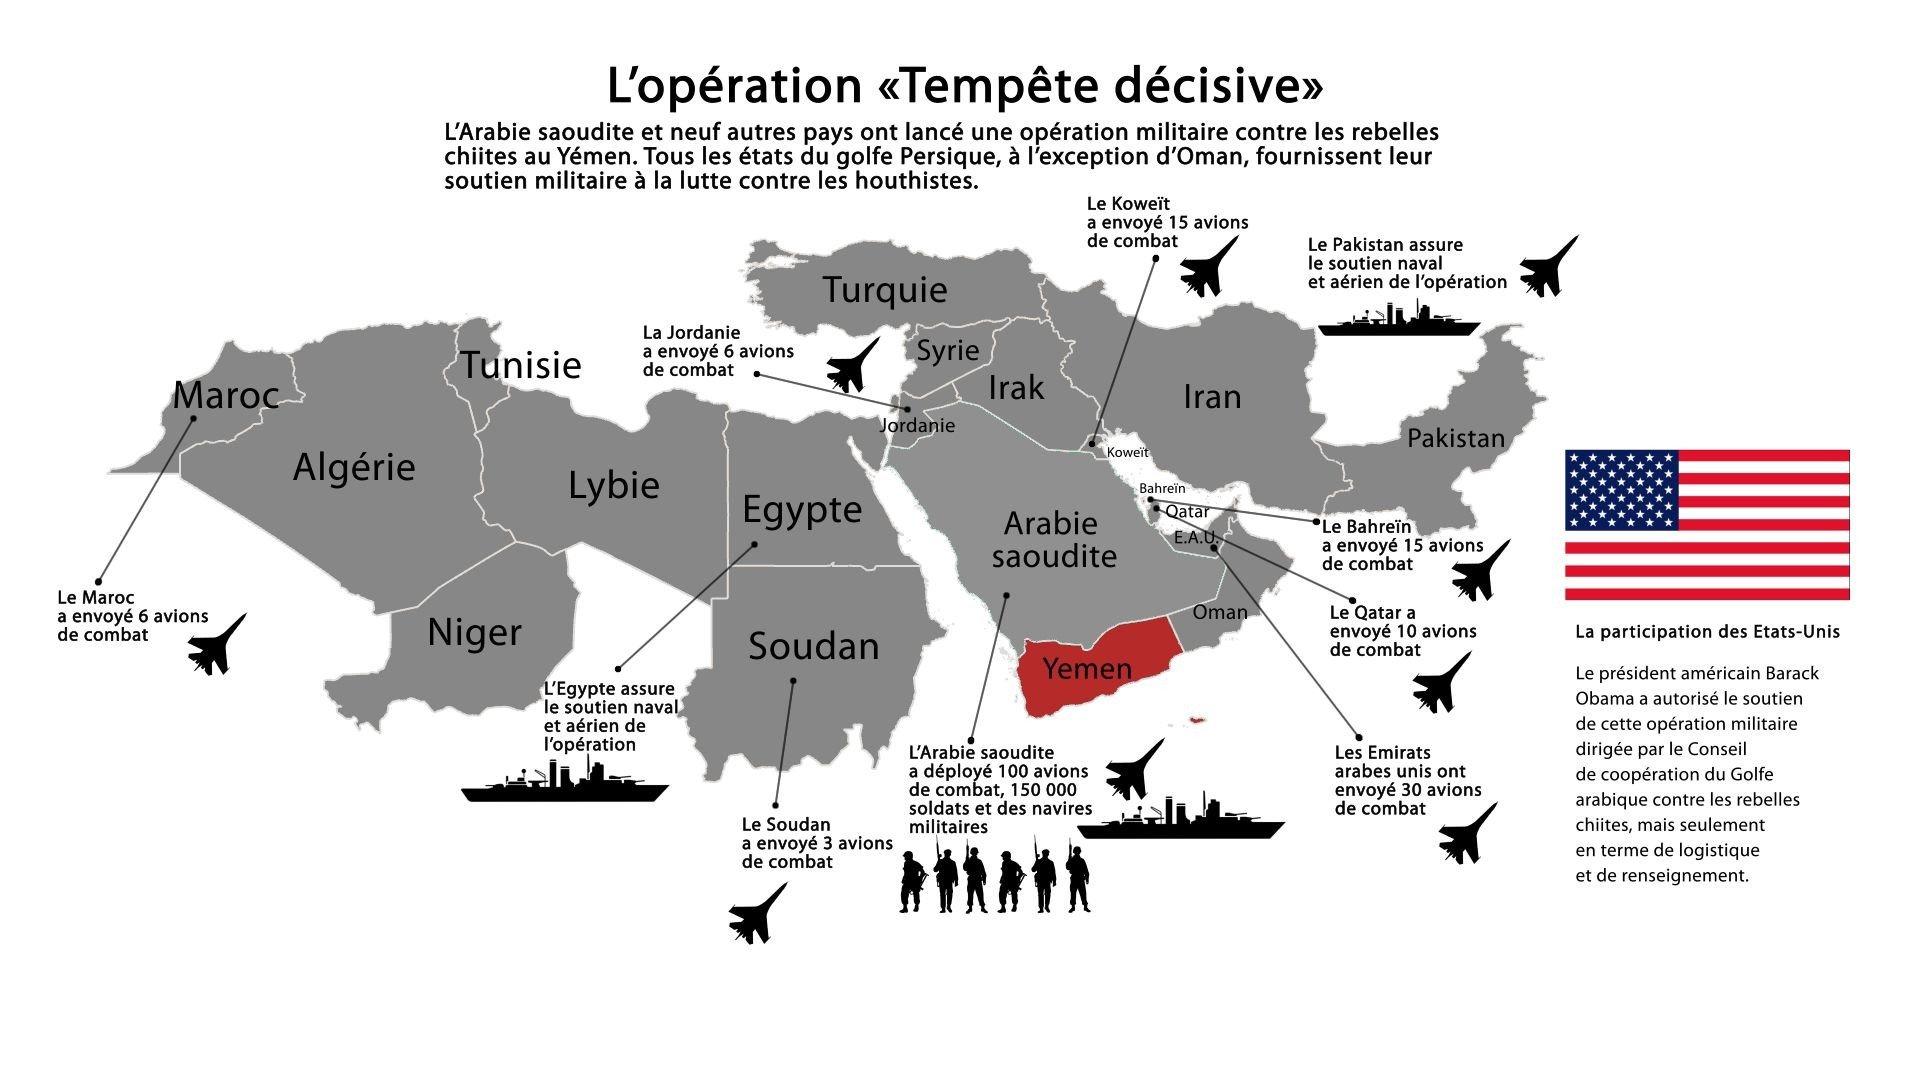 Les pays de la coalition emmenée par l'Arabie saoudite